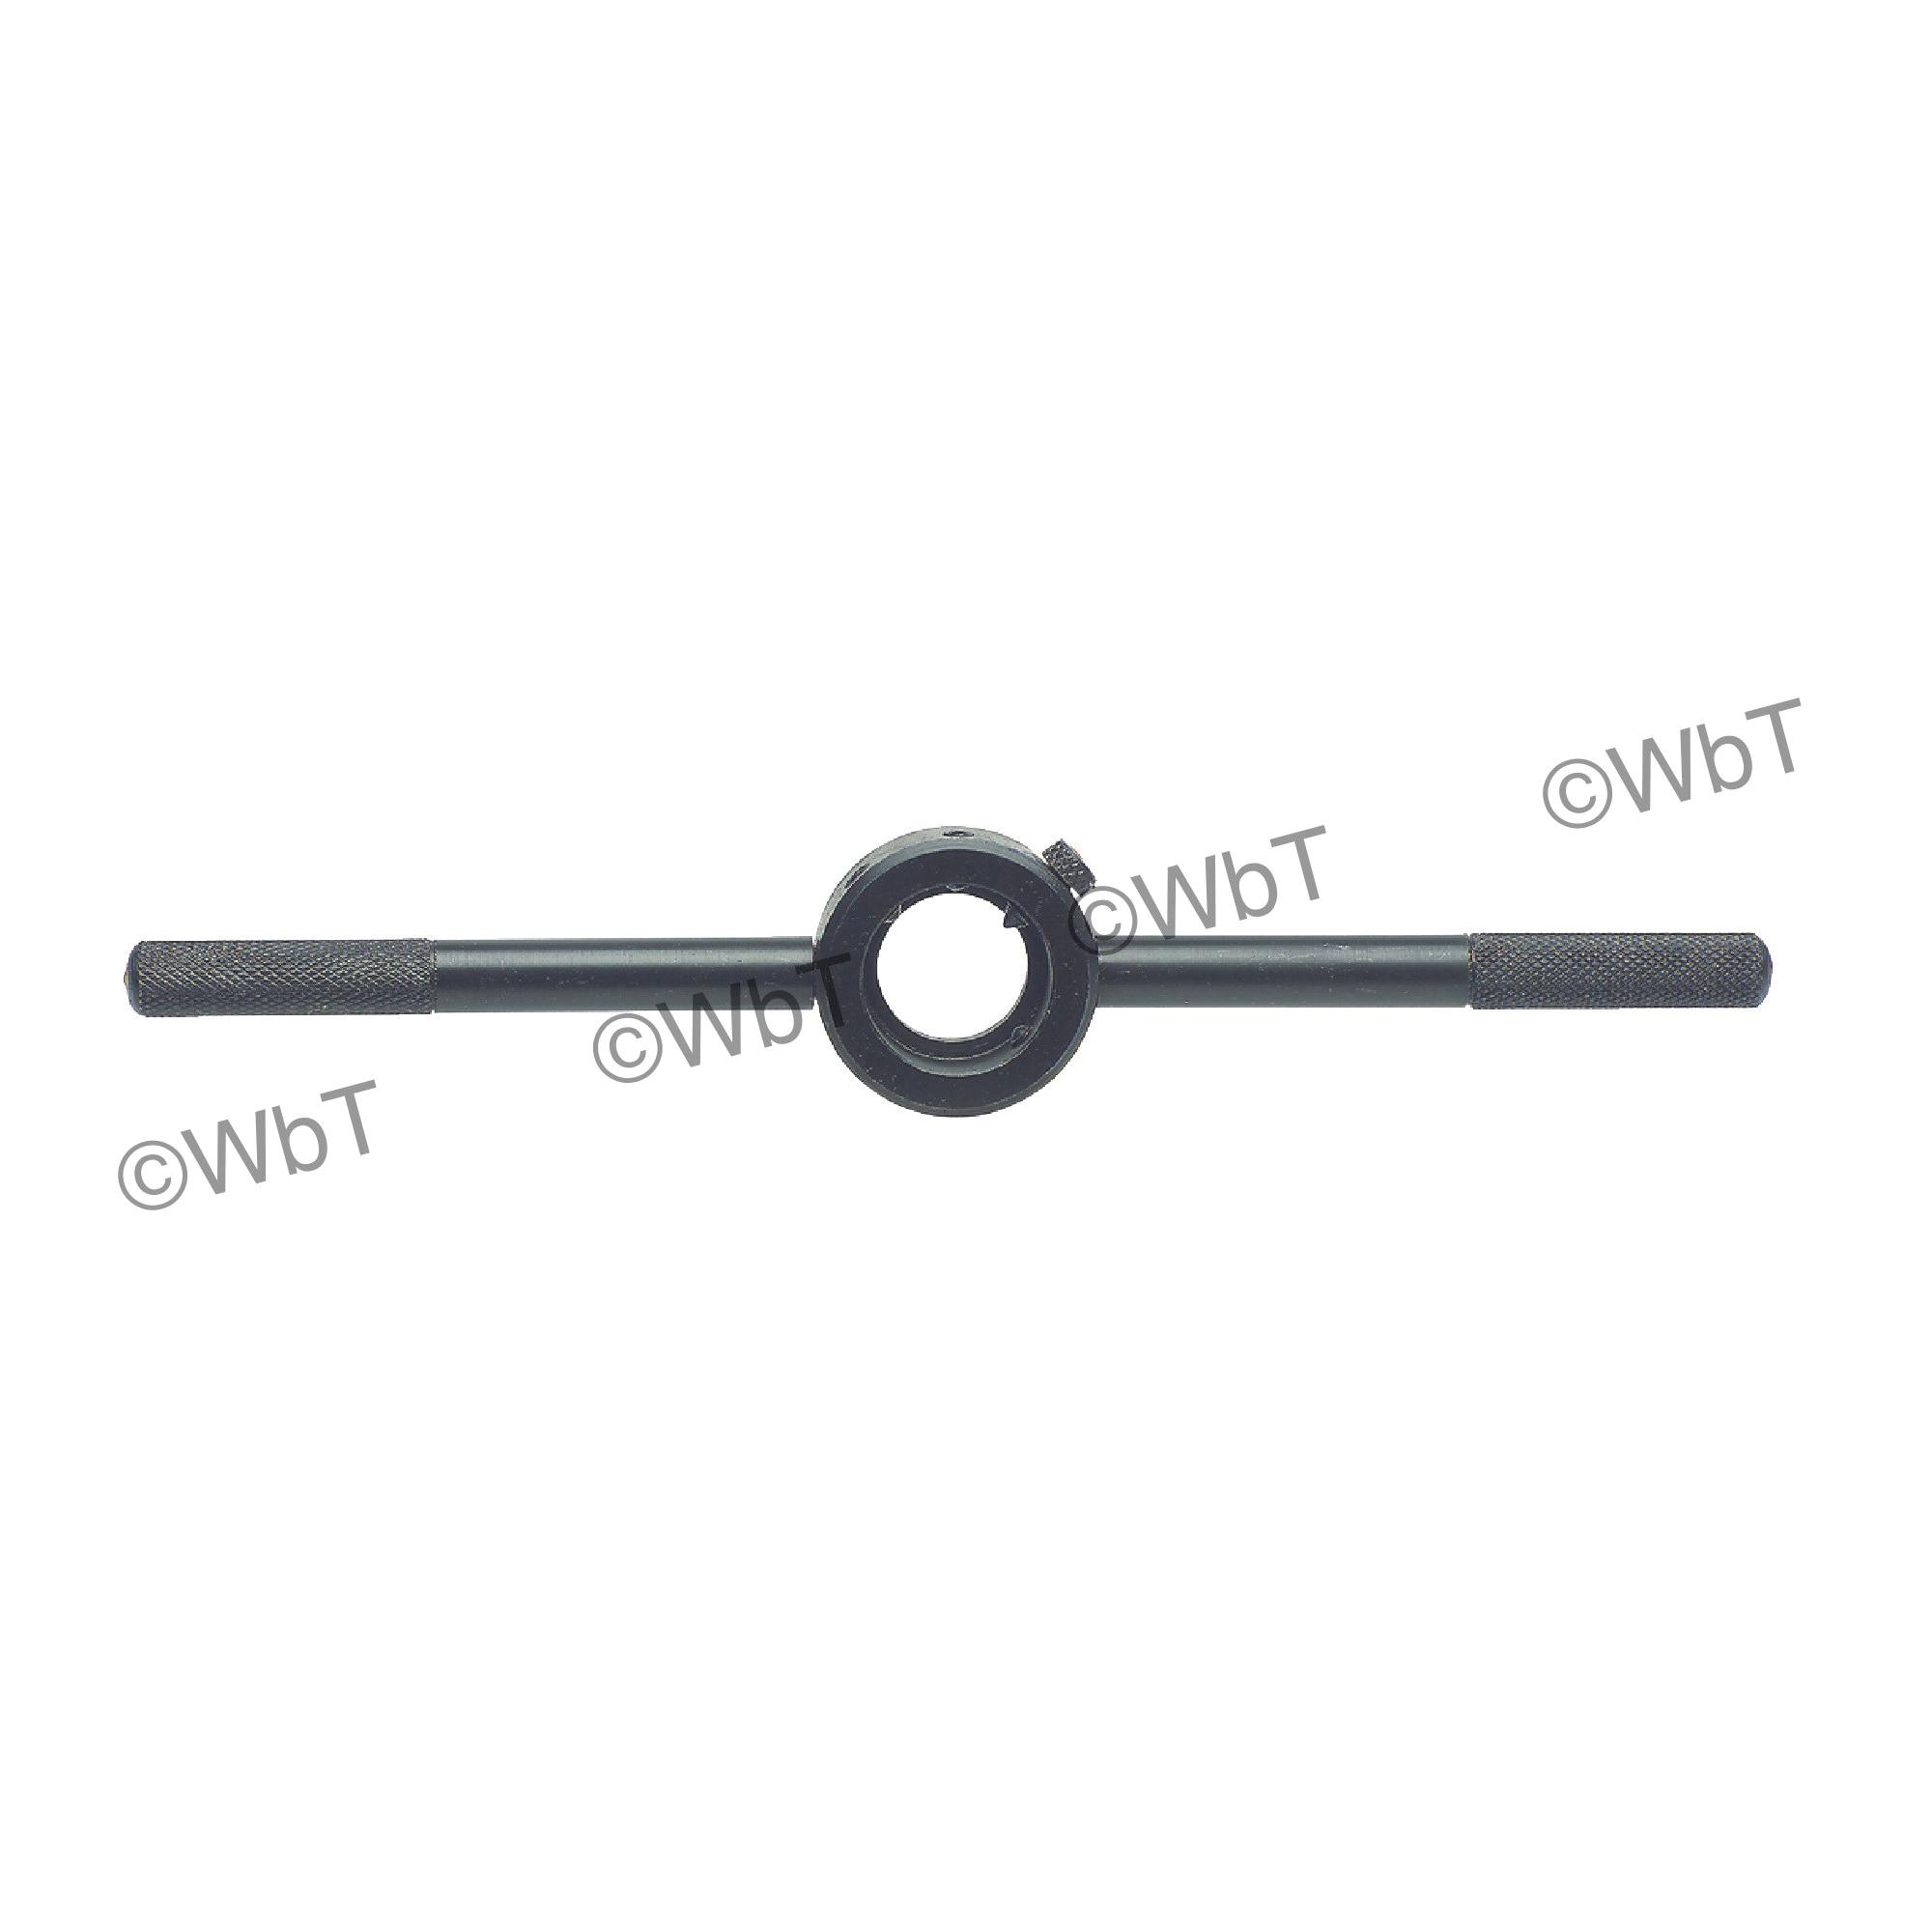 TTC 15-516-140 G5 Hex Rethreading Die, 1-14 Thread, Carbon Steel